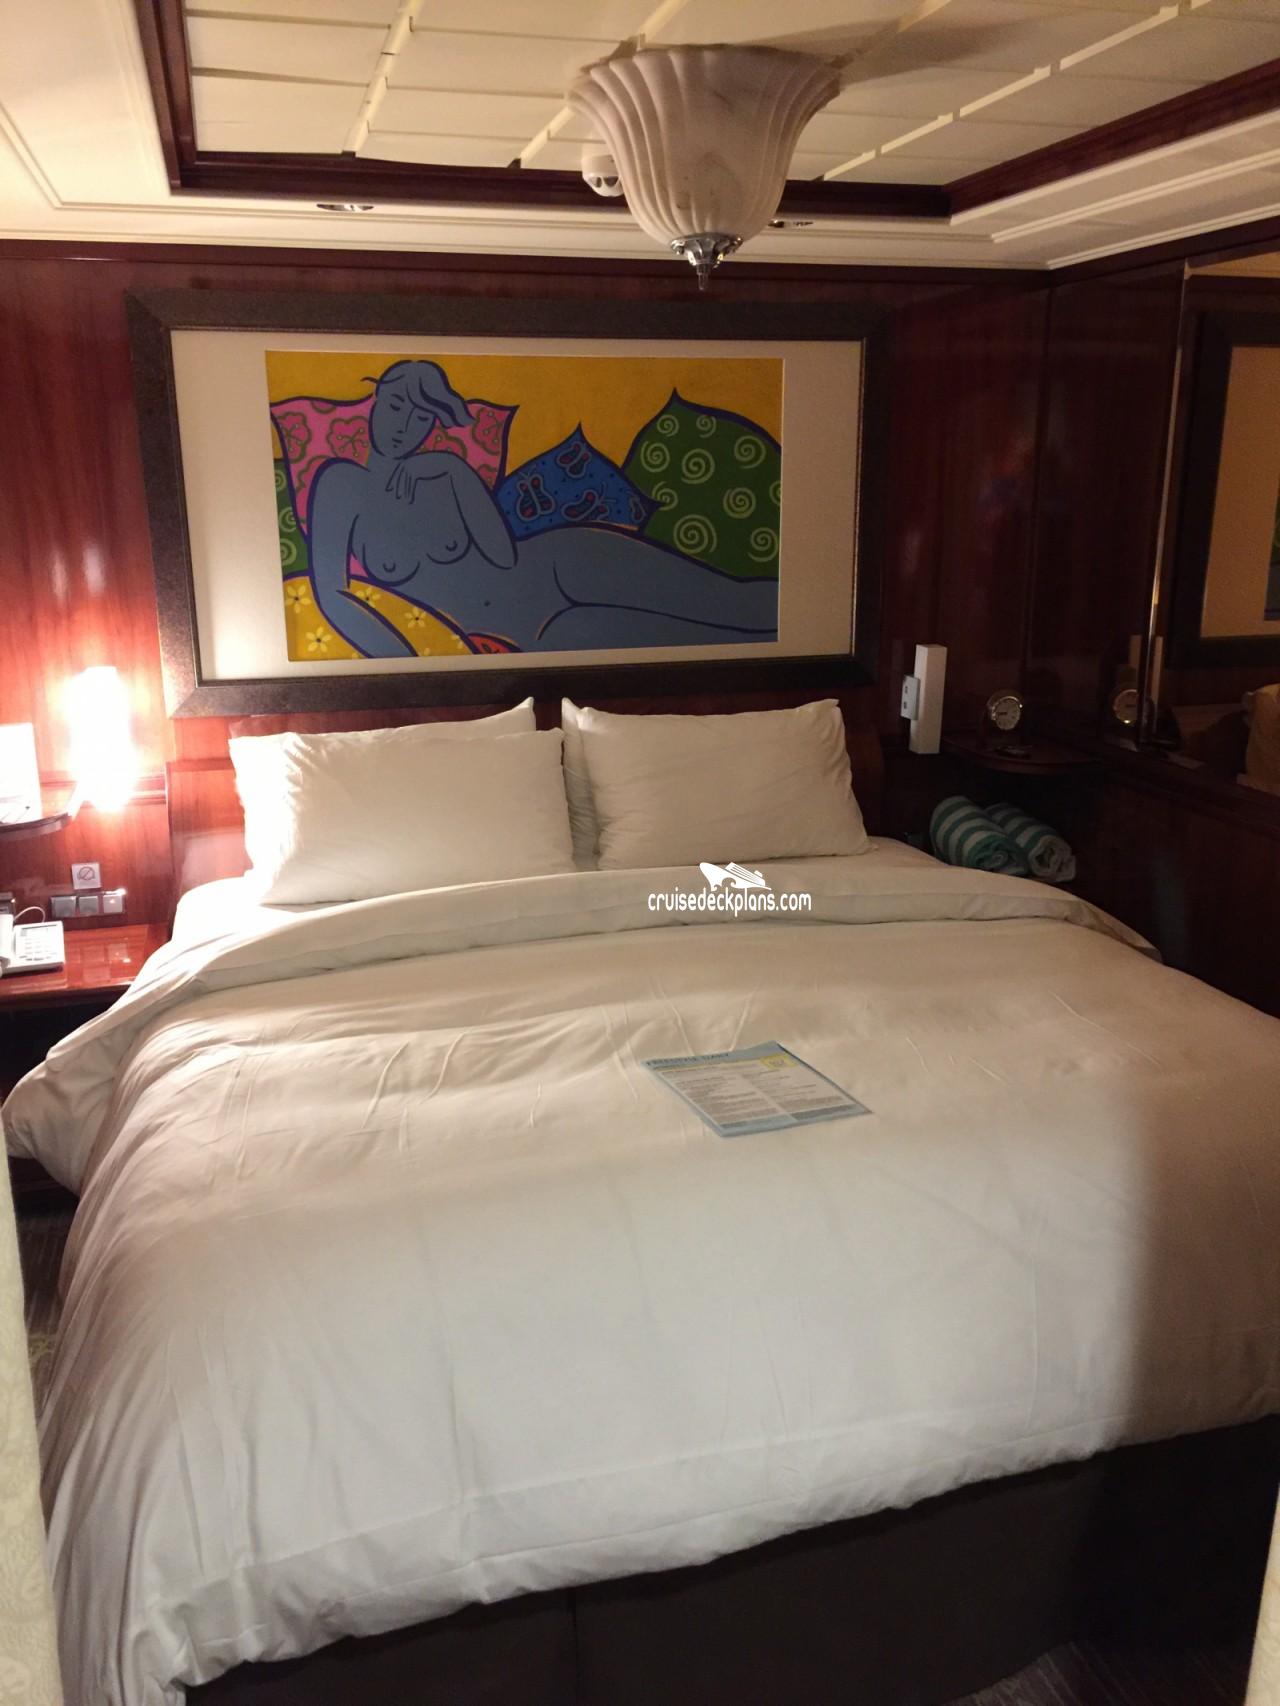 2 Bedroom Suites Portland Oregon: Norwegian Jewel 2 Bedroom Family Suite Stateroom